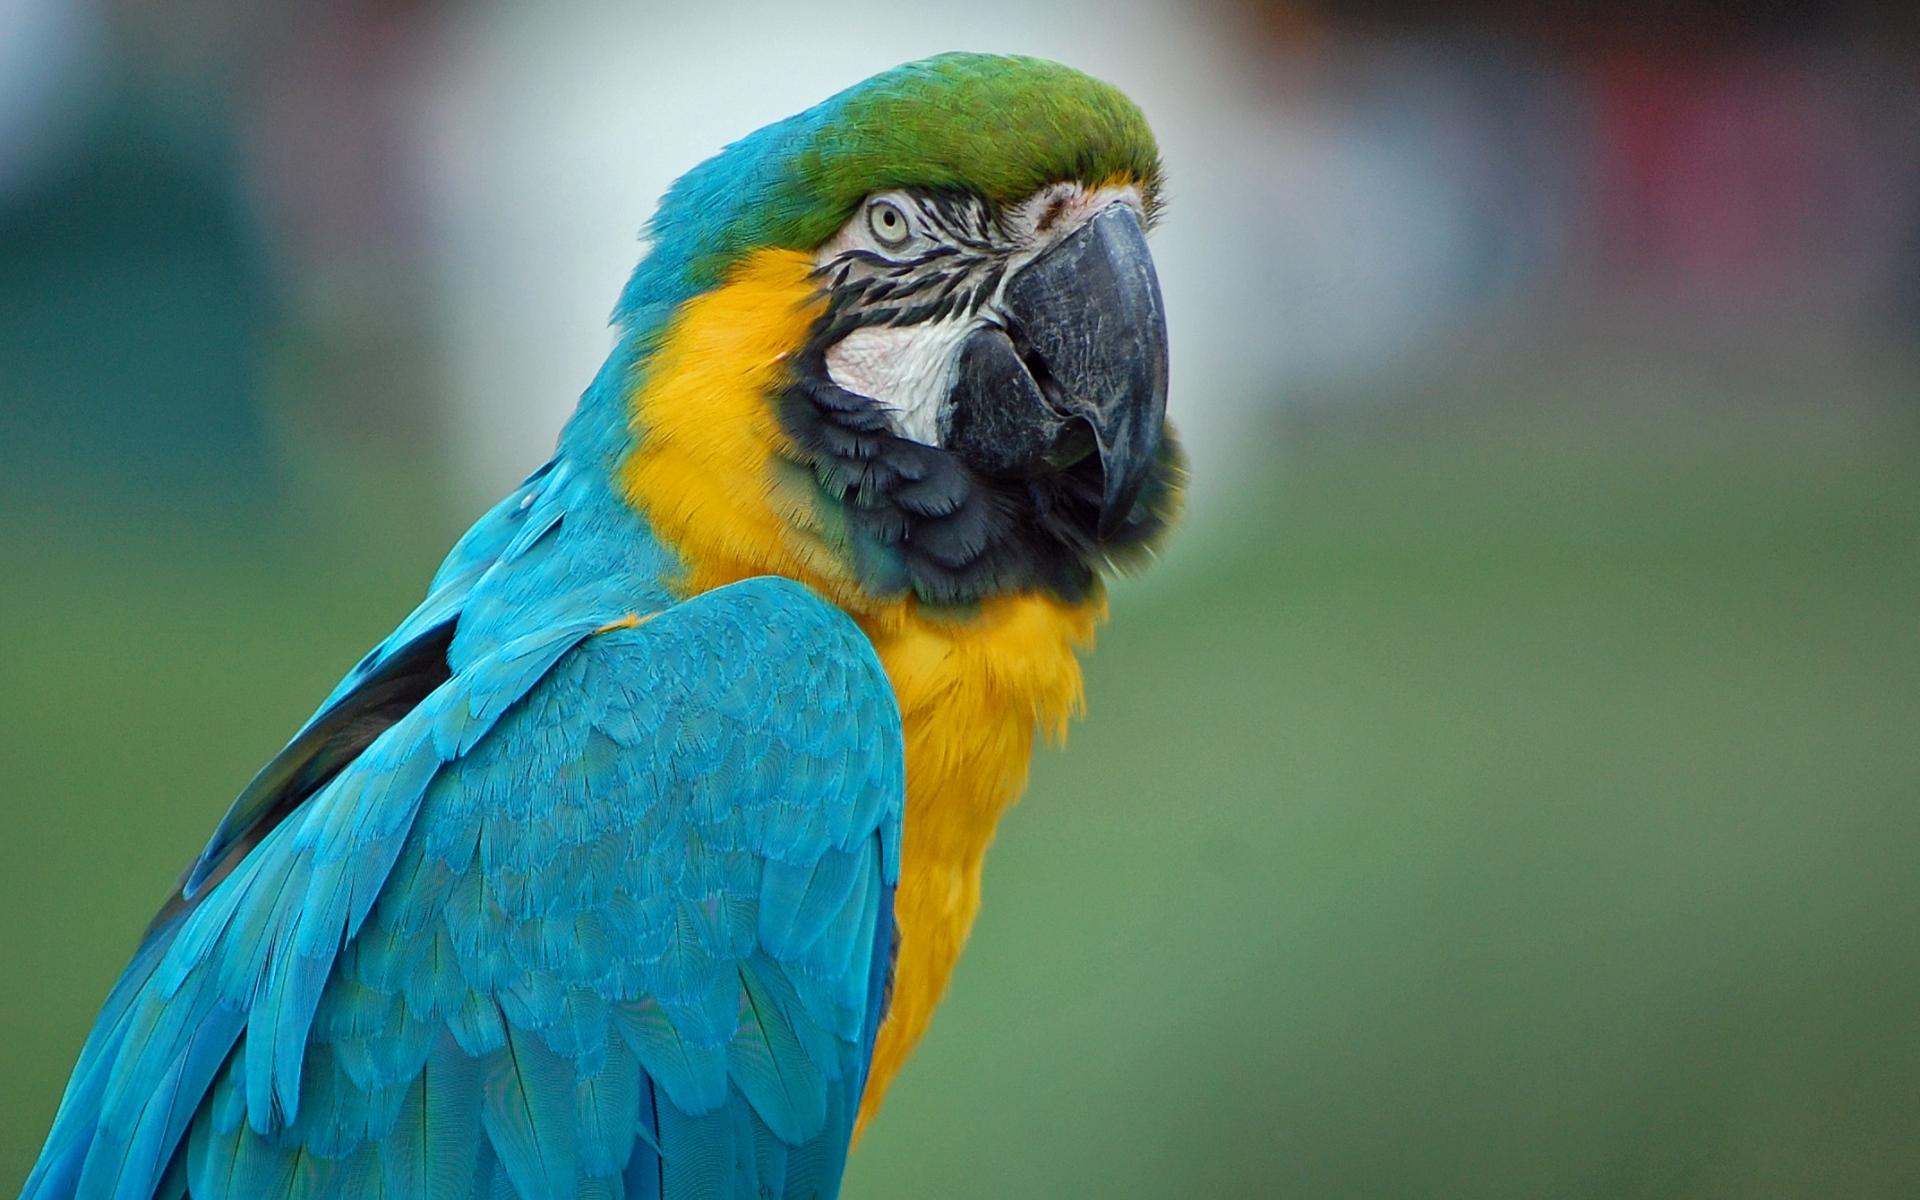 Картинки Попугай, ара, перья, цвет фото и обои на рабочий стол